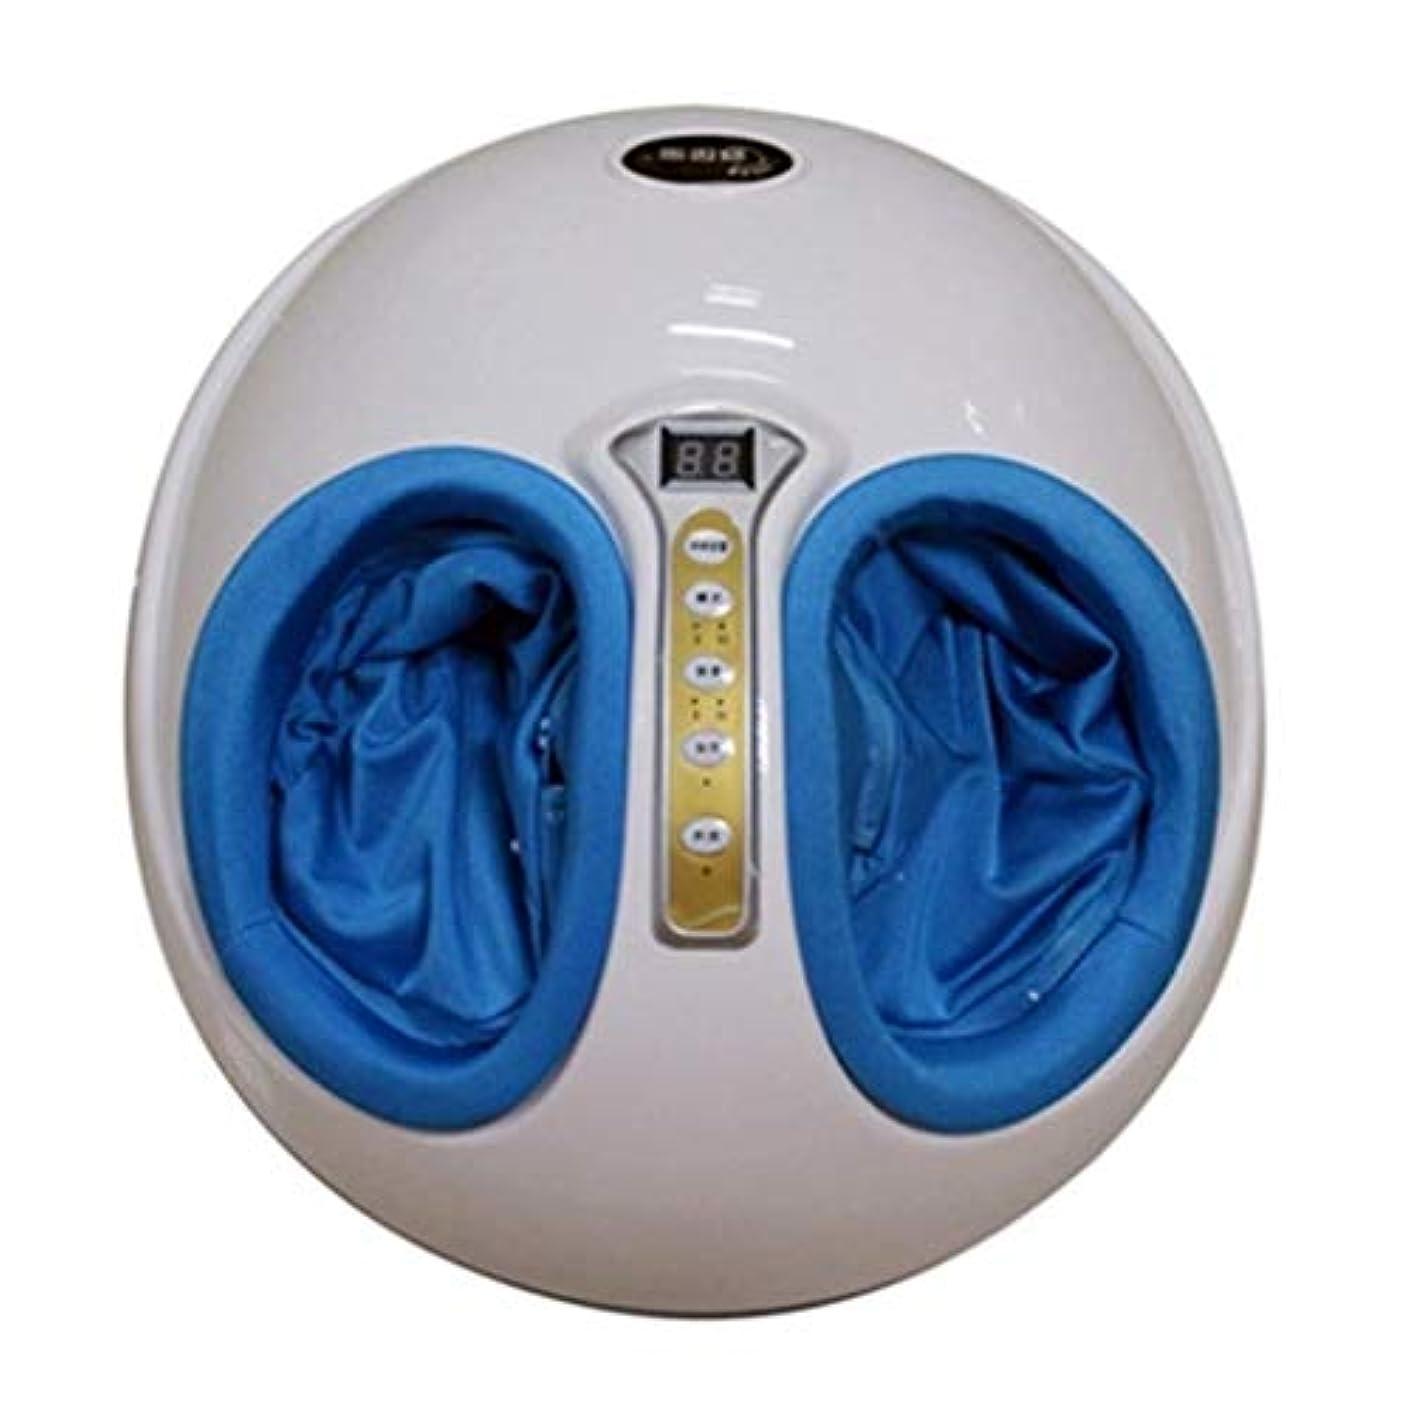 表向きびっくり終了するフットマッサージャー、電動マッサージャー、3D指圧Pressureみマッサージ/加熱、赤外線フットケアマシン、減圧とリラクゼーション療法、痛みを和らげ、血液循環を促進